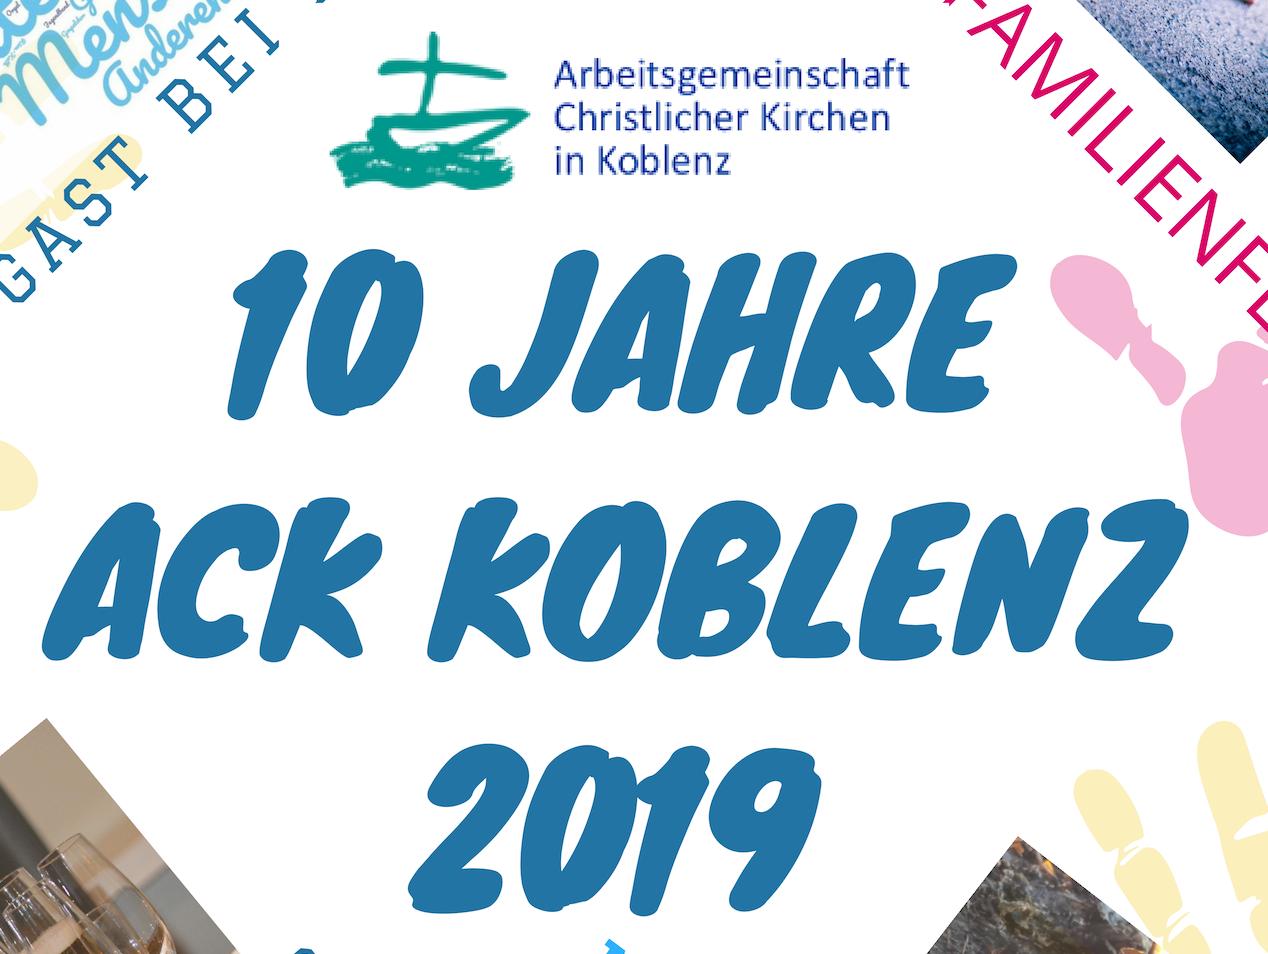 Jubiläum: 10 Jahre ACK Koblenz